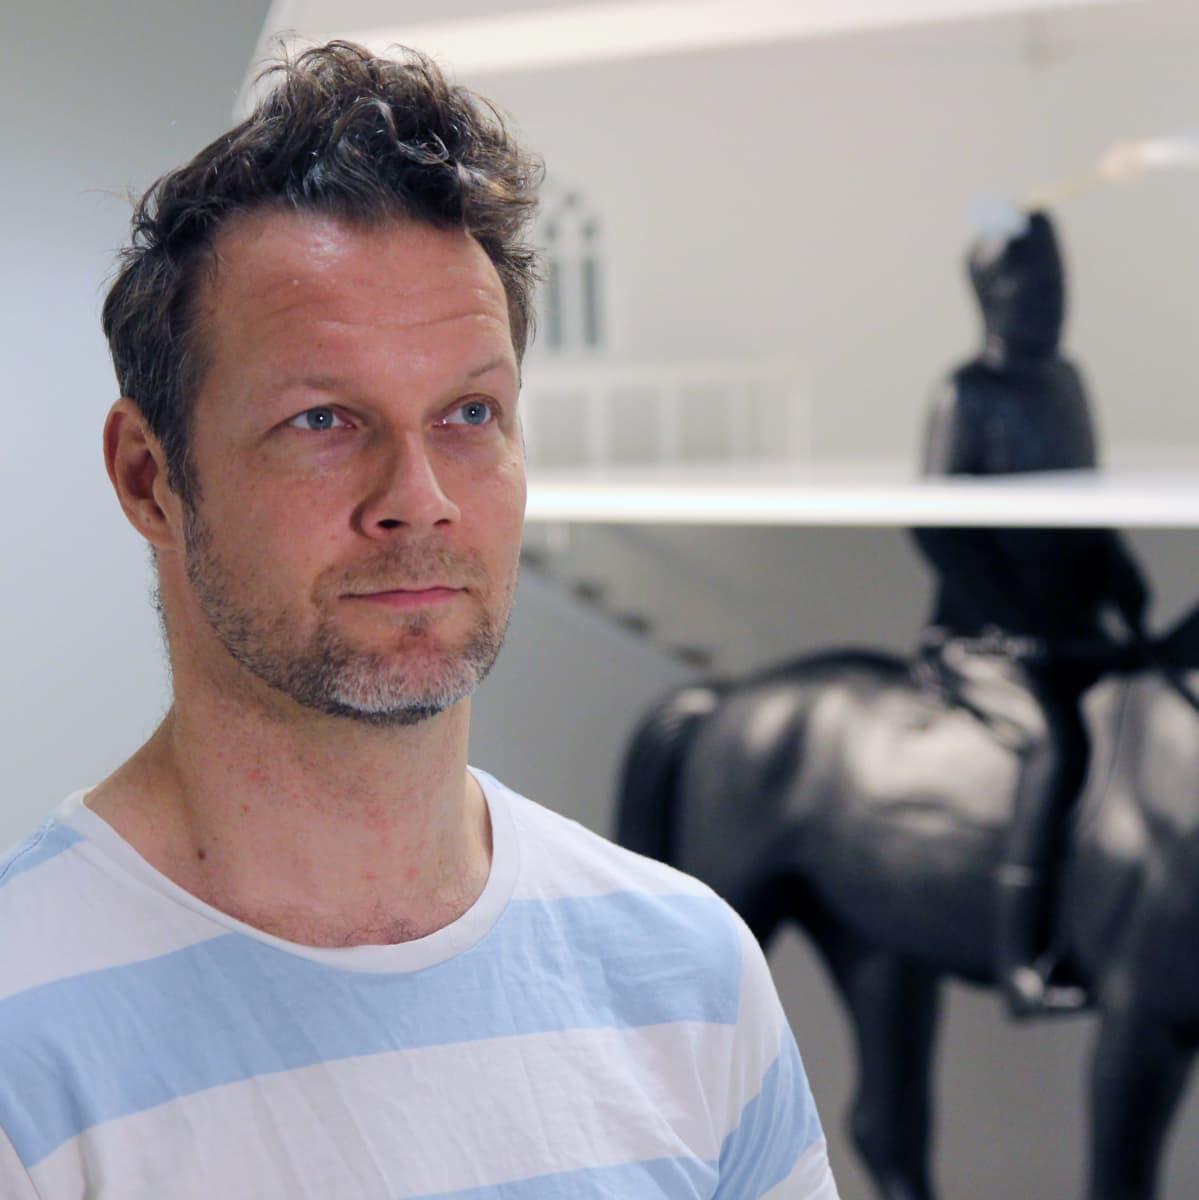 Taiteilija Jani Leinonen Mikkelin taidemuseossa, taustalla Mannerheim-aiheinen teos.